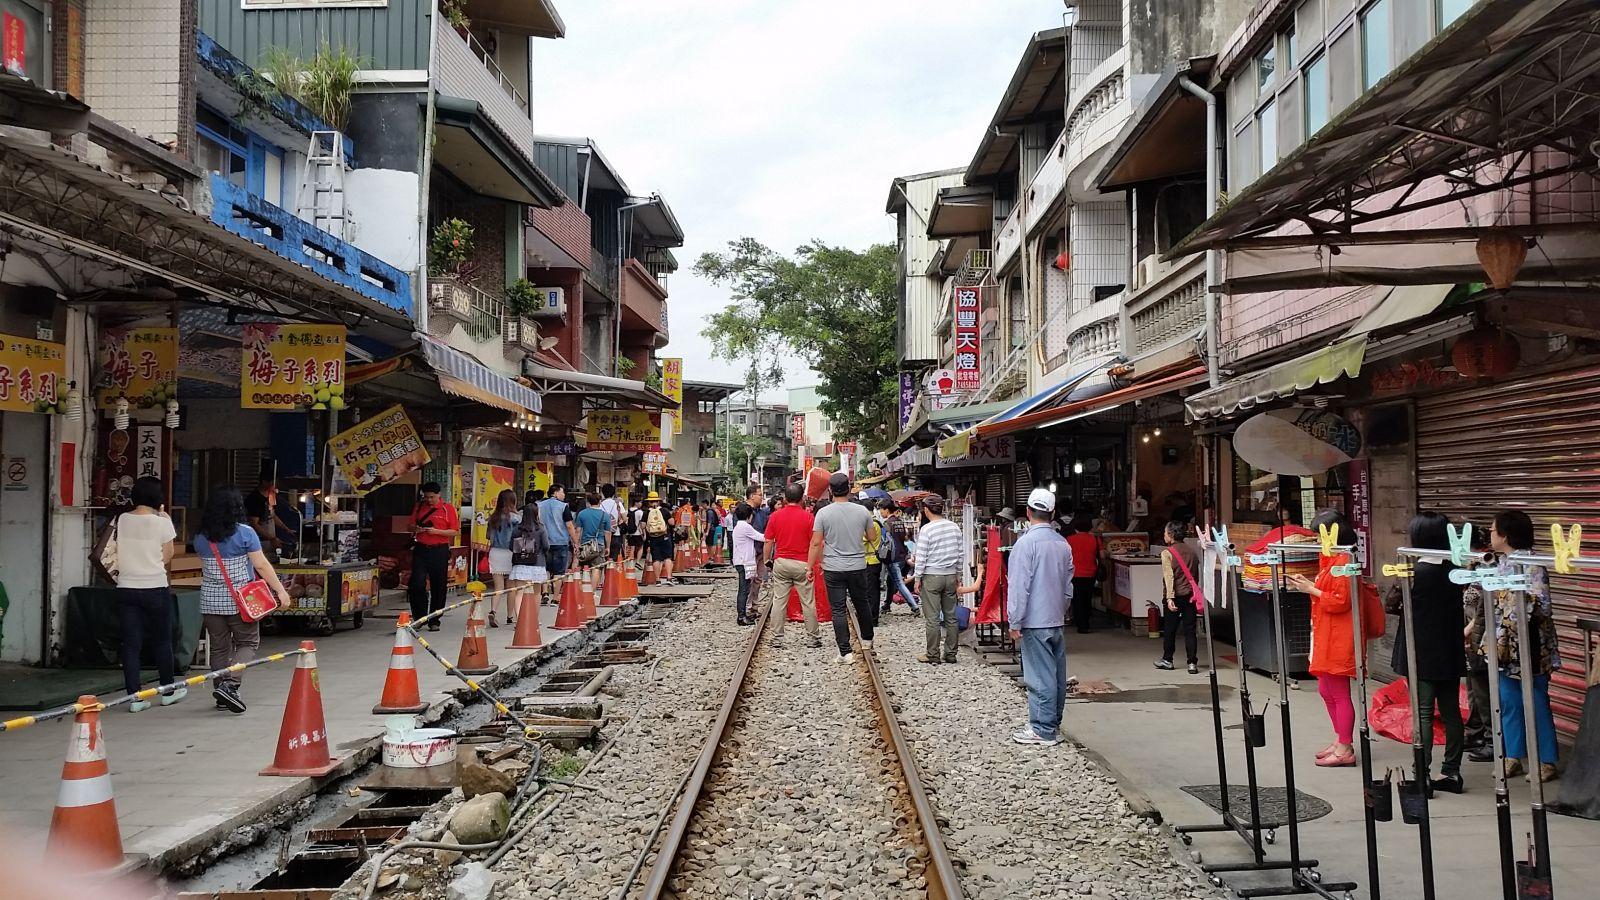 Phố cổ Thập Phần – Điểm đến không thể bỏ qua khi du lịch Đài Loan